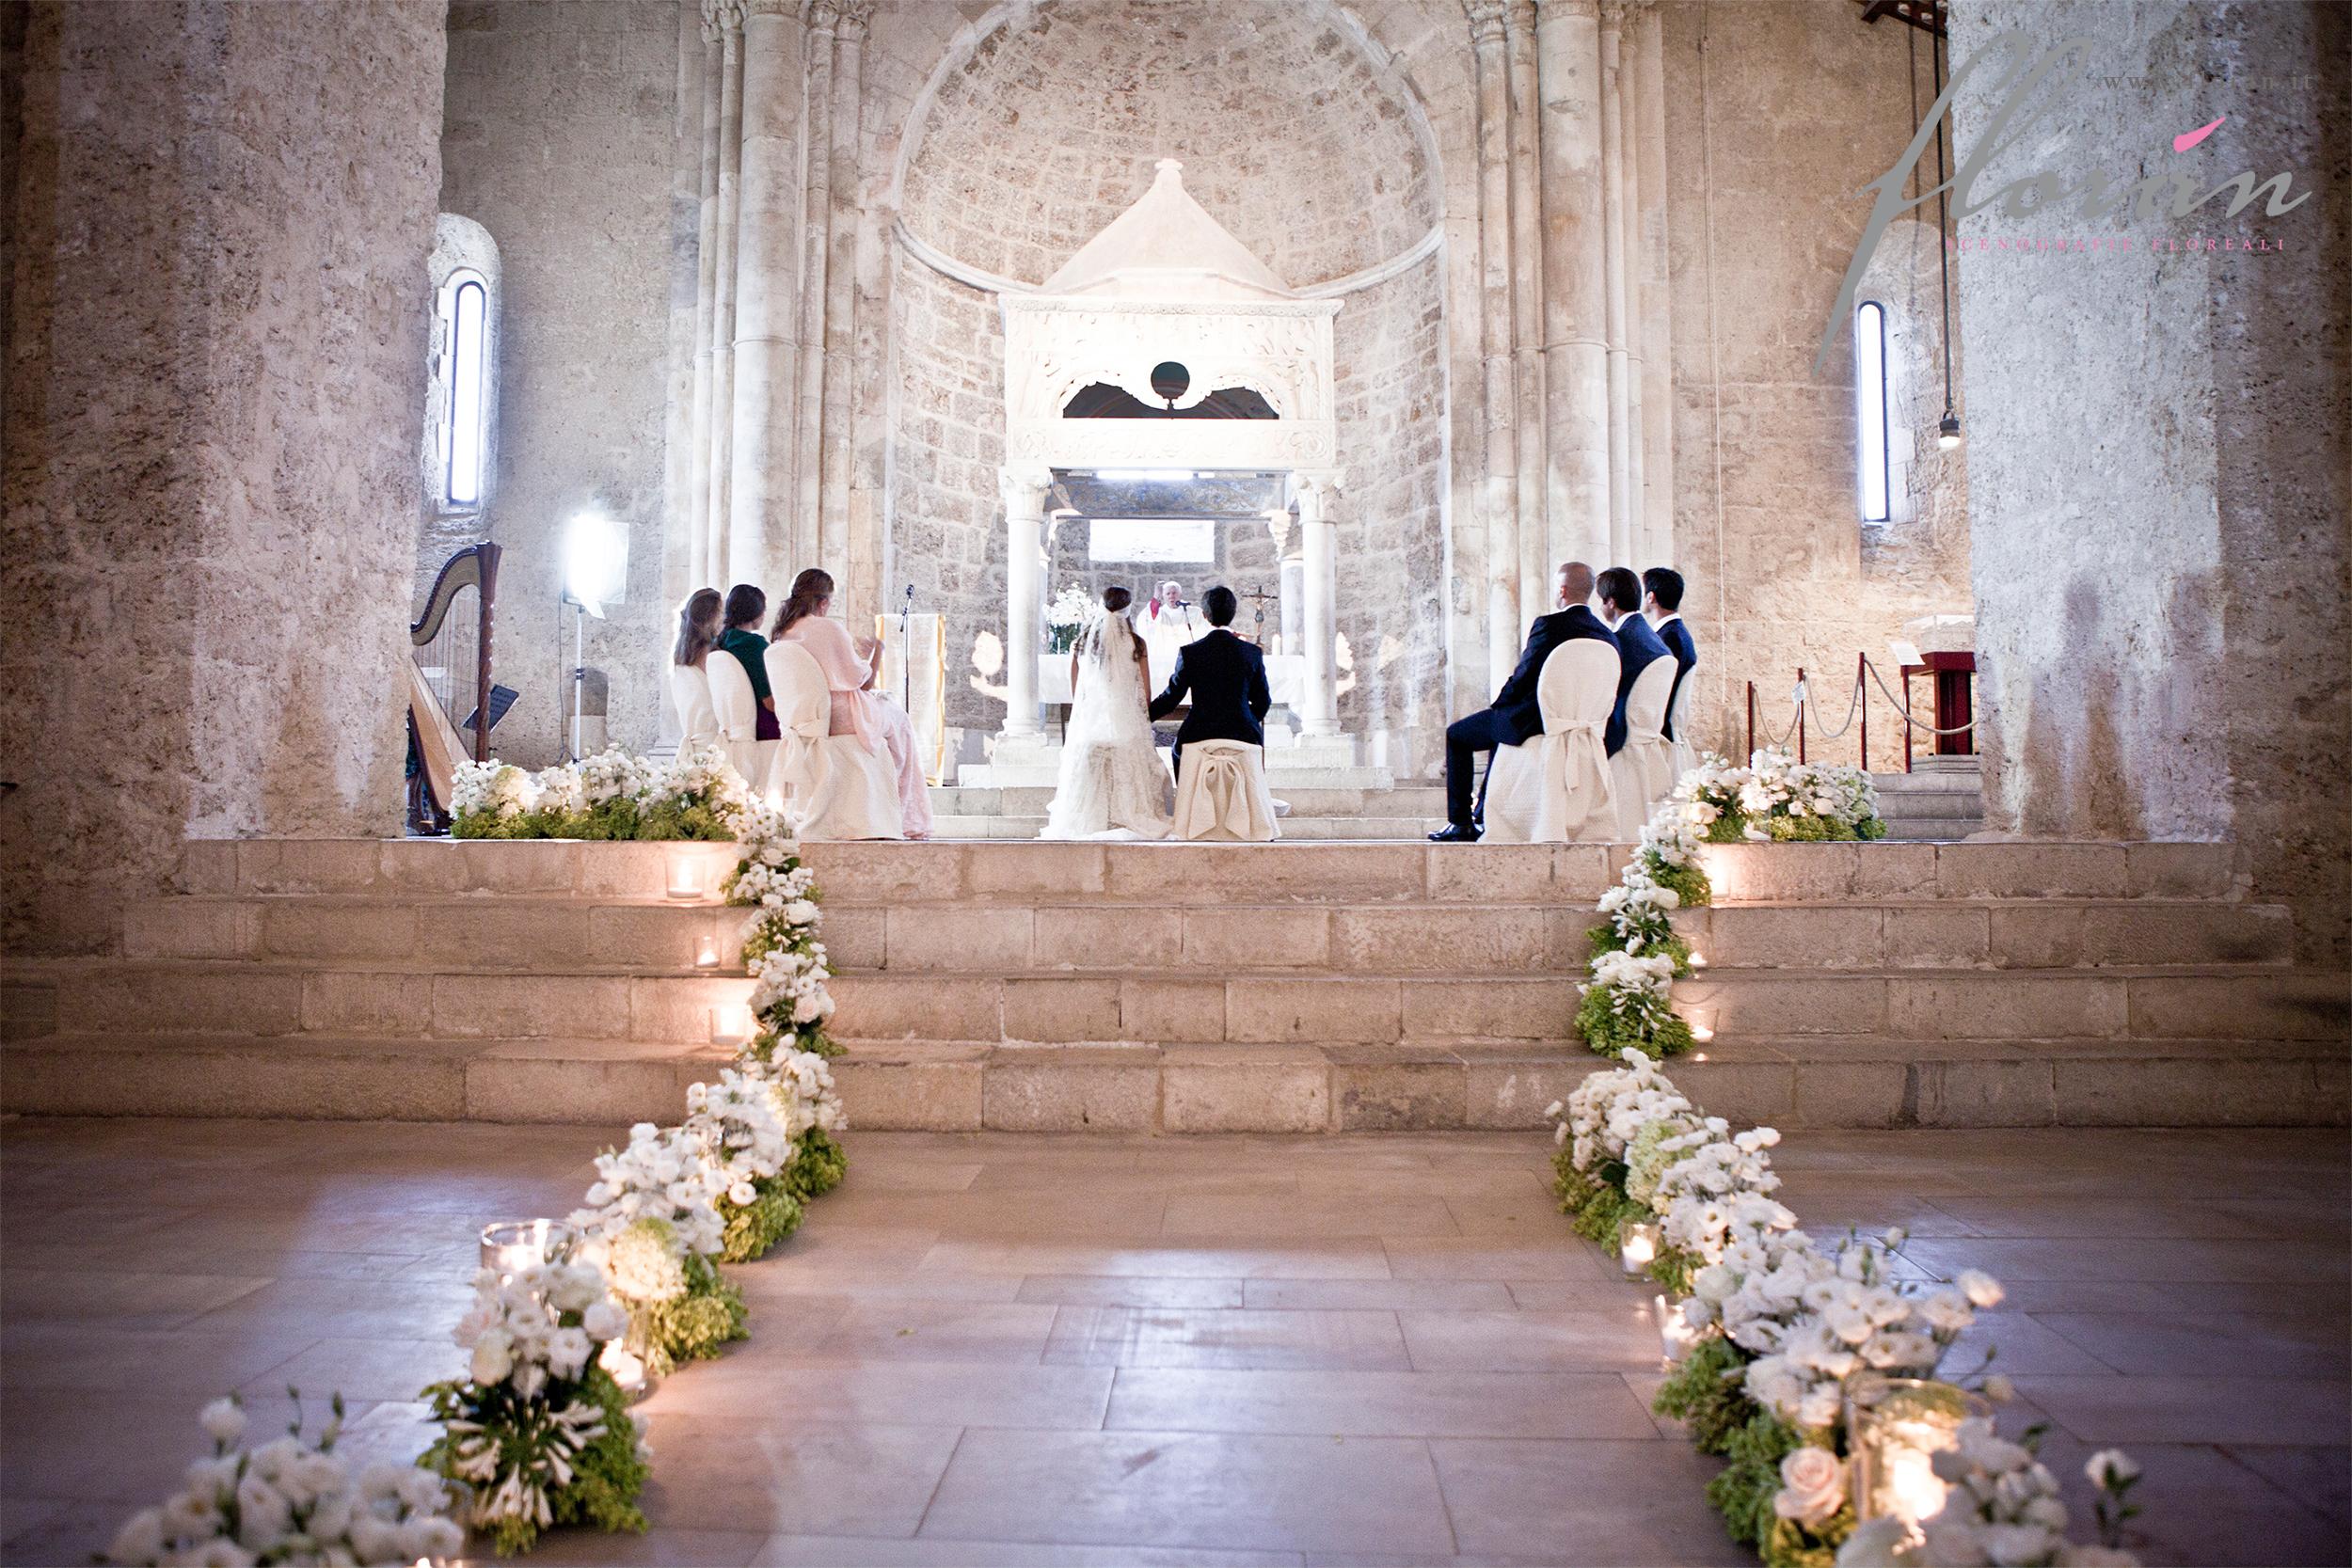 Matrimonio Simbolico In Chiesa : Sposarsi in chiesa senza essere battezzati notizie